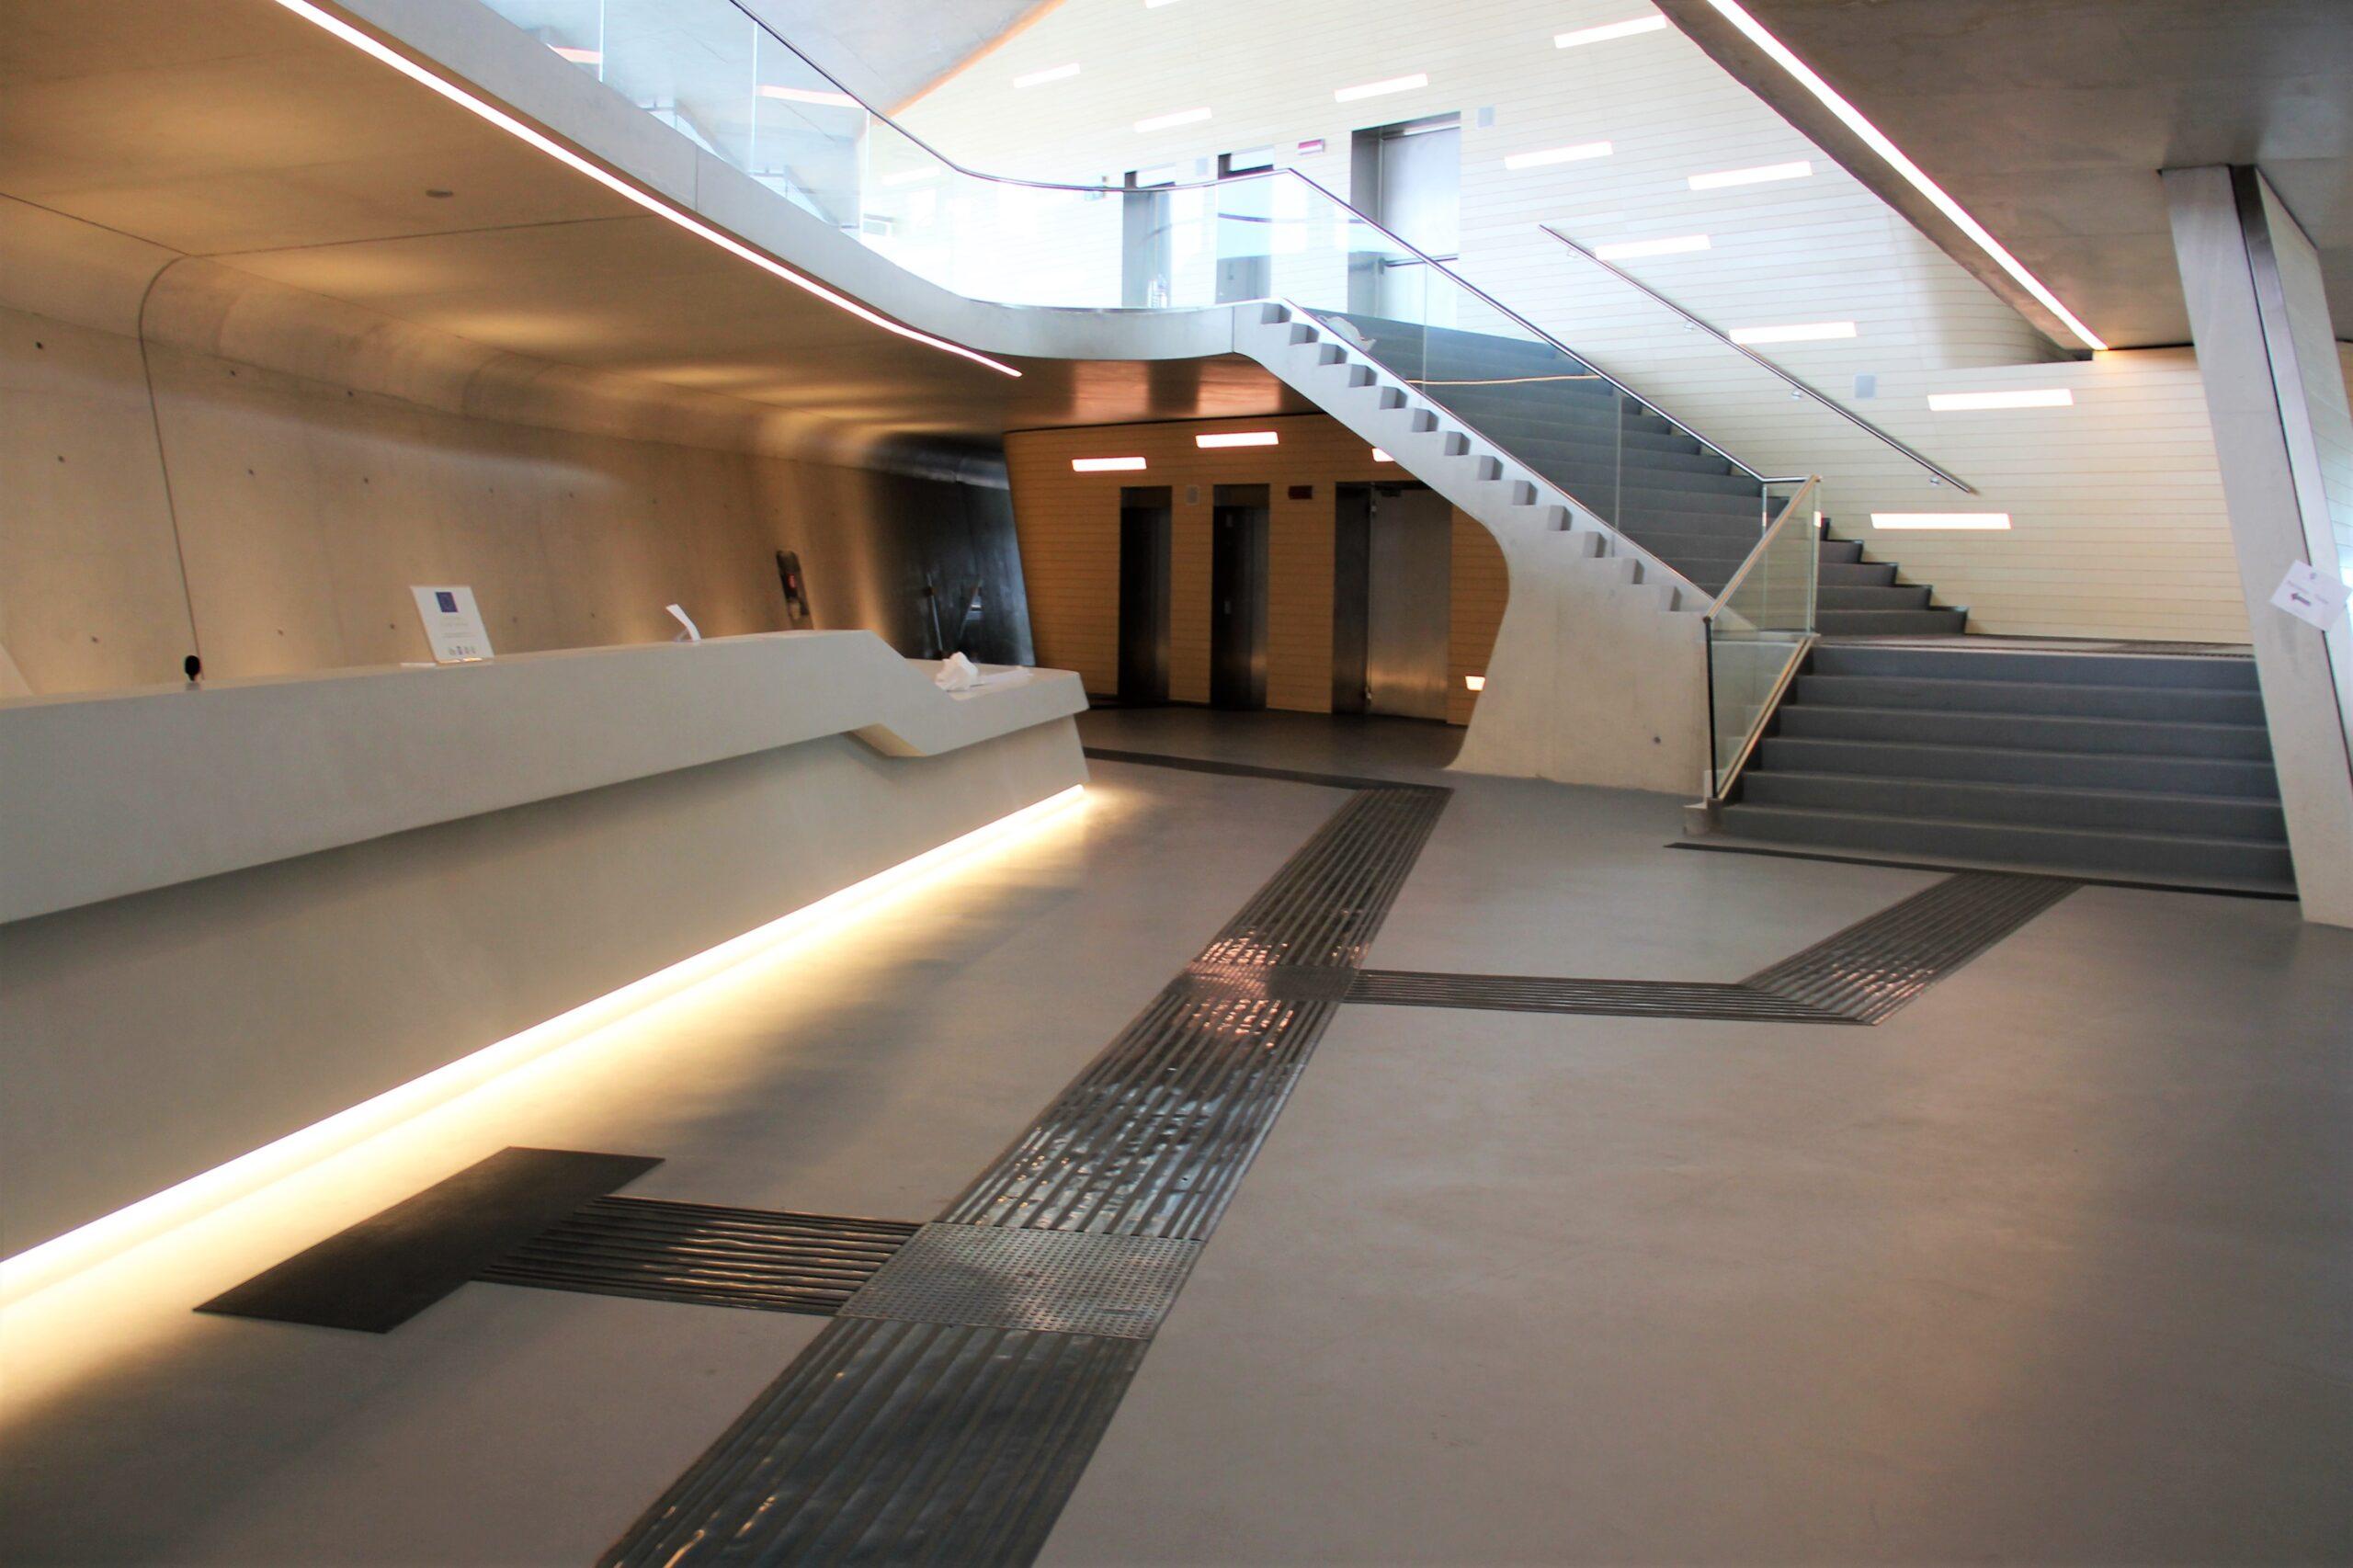 Stazione Marittima Zaha Hadid